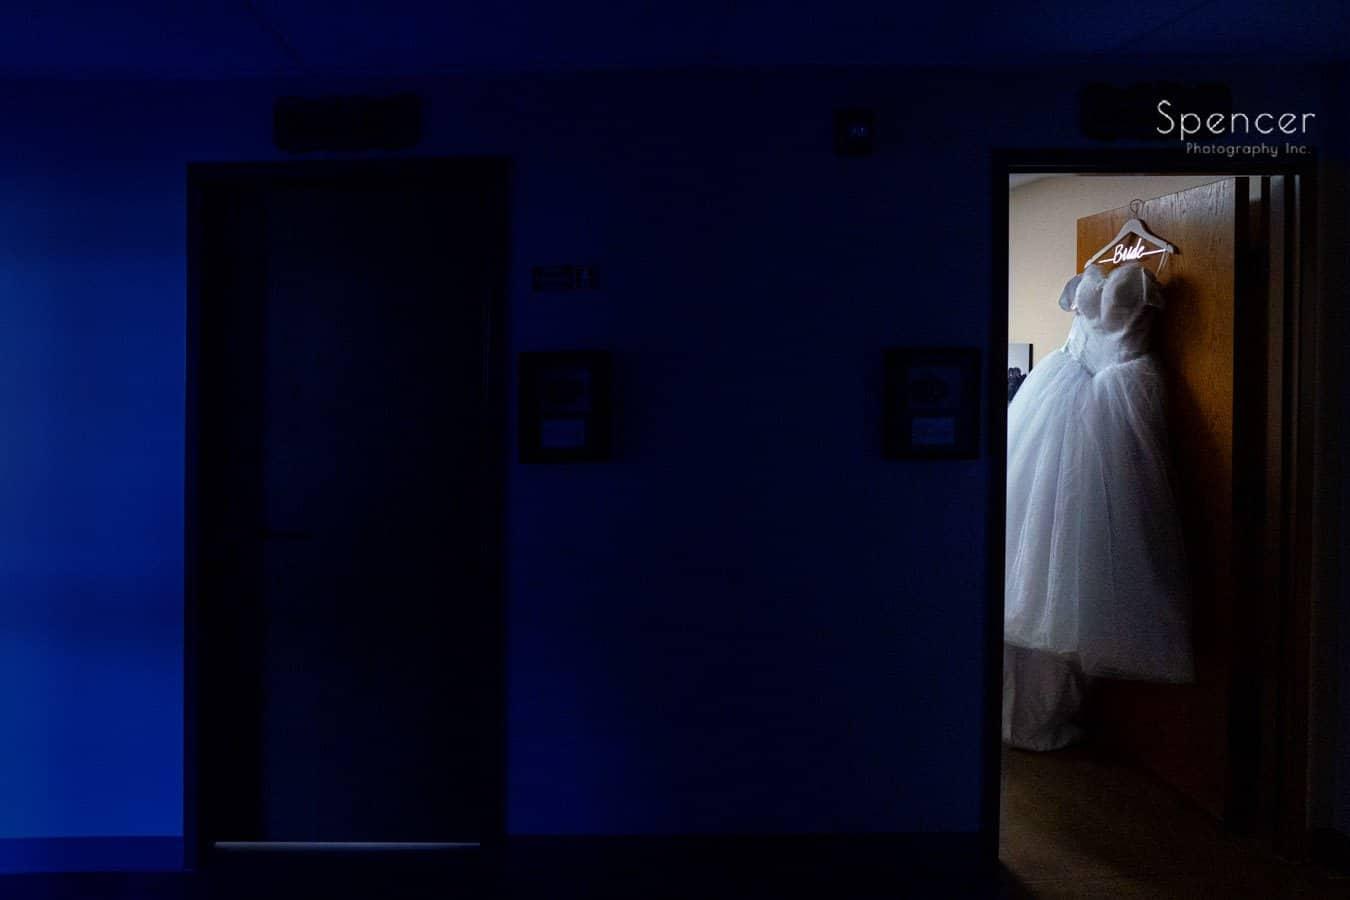 wedding dressin hanging in doorway at Oberlin Ohio wedding